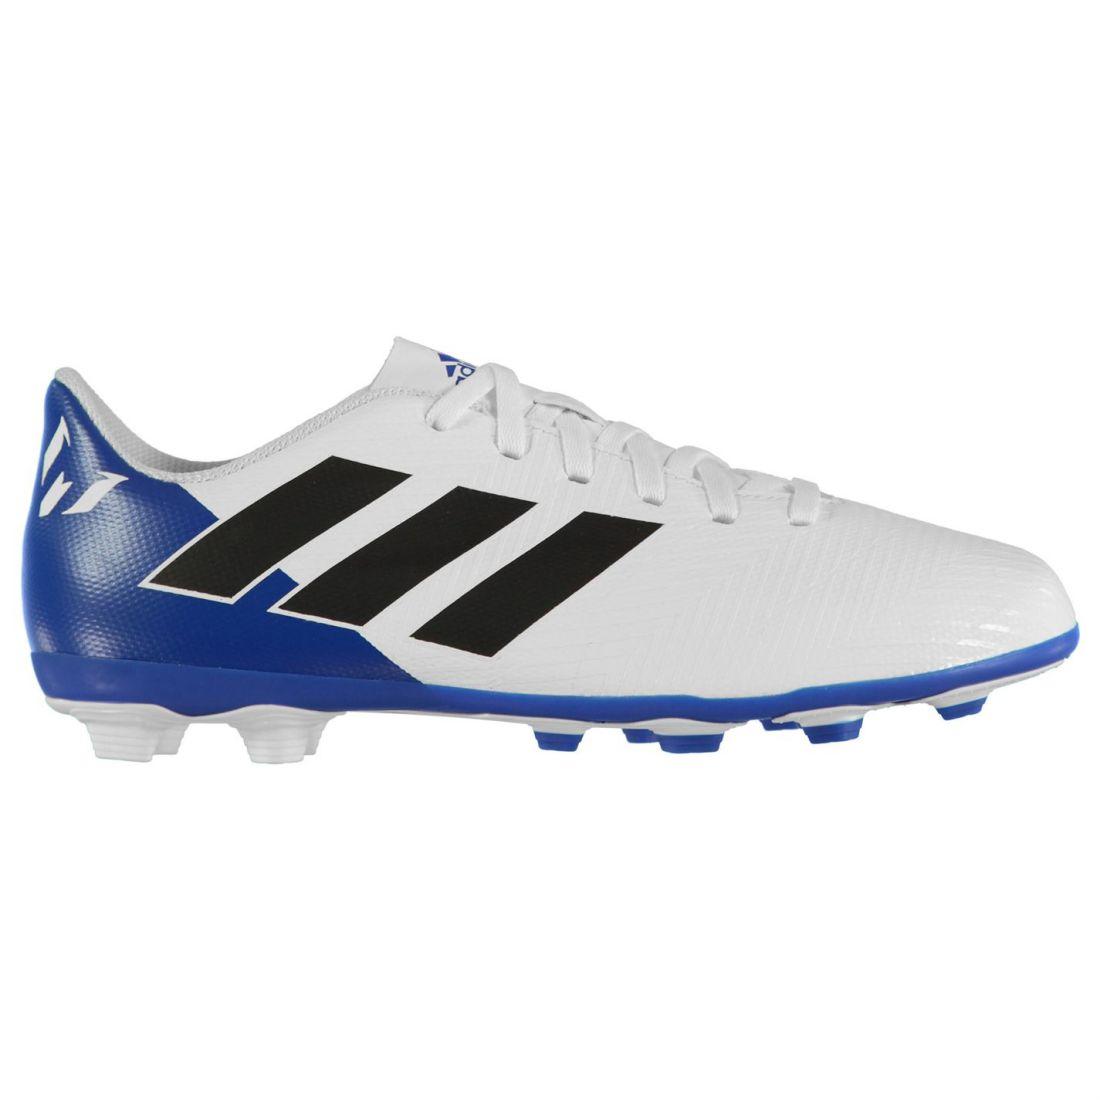 1071ca5e1 Adidas Kids Boys Nemeziz Messi 18.4 Junior FG Football Boots Firm ...